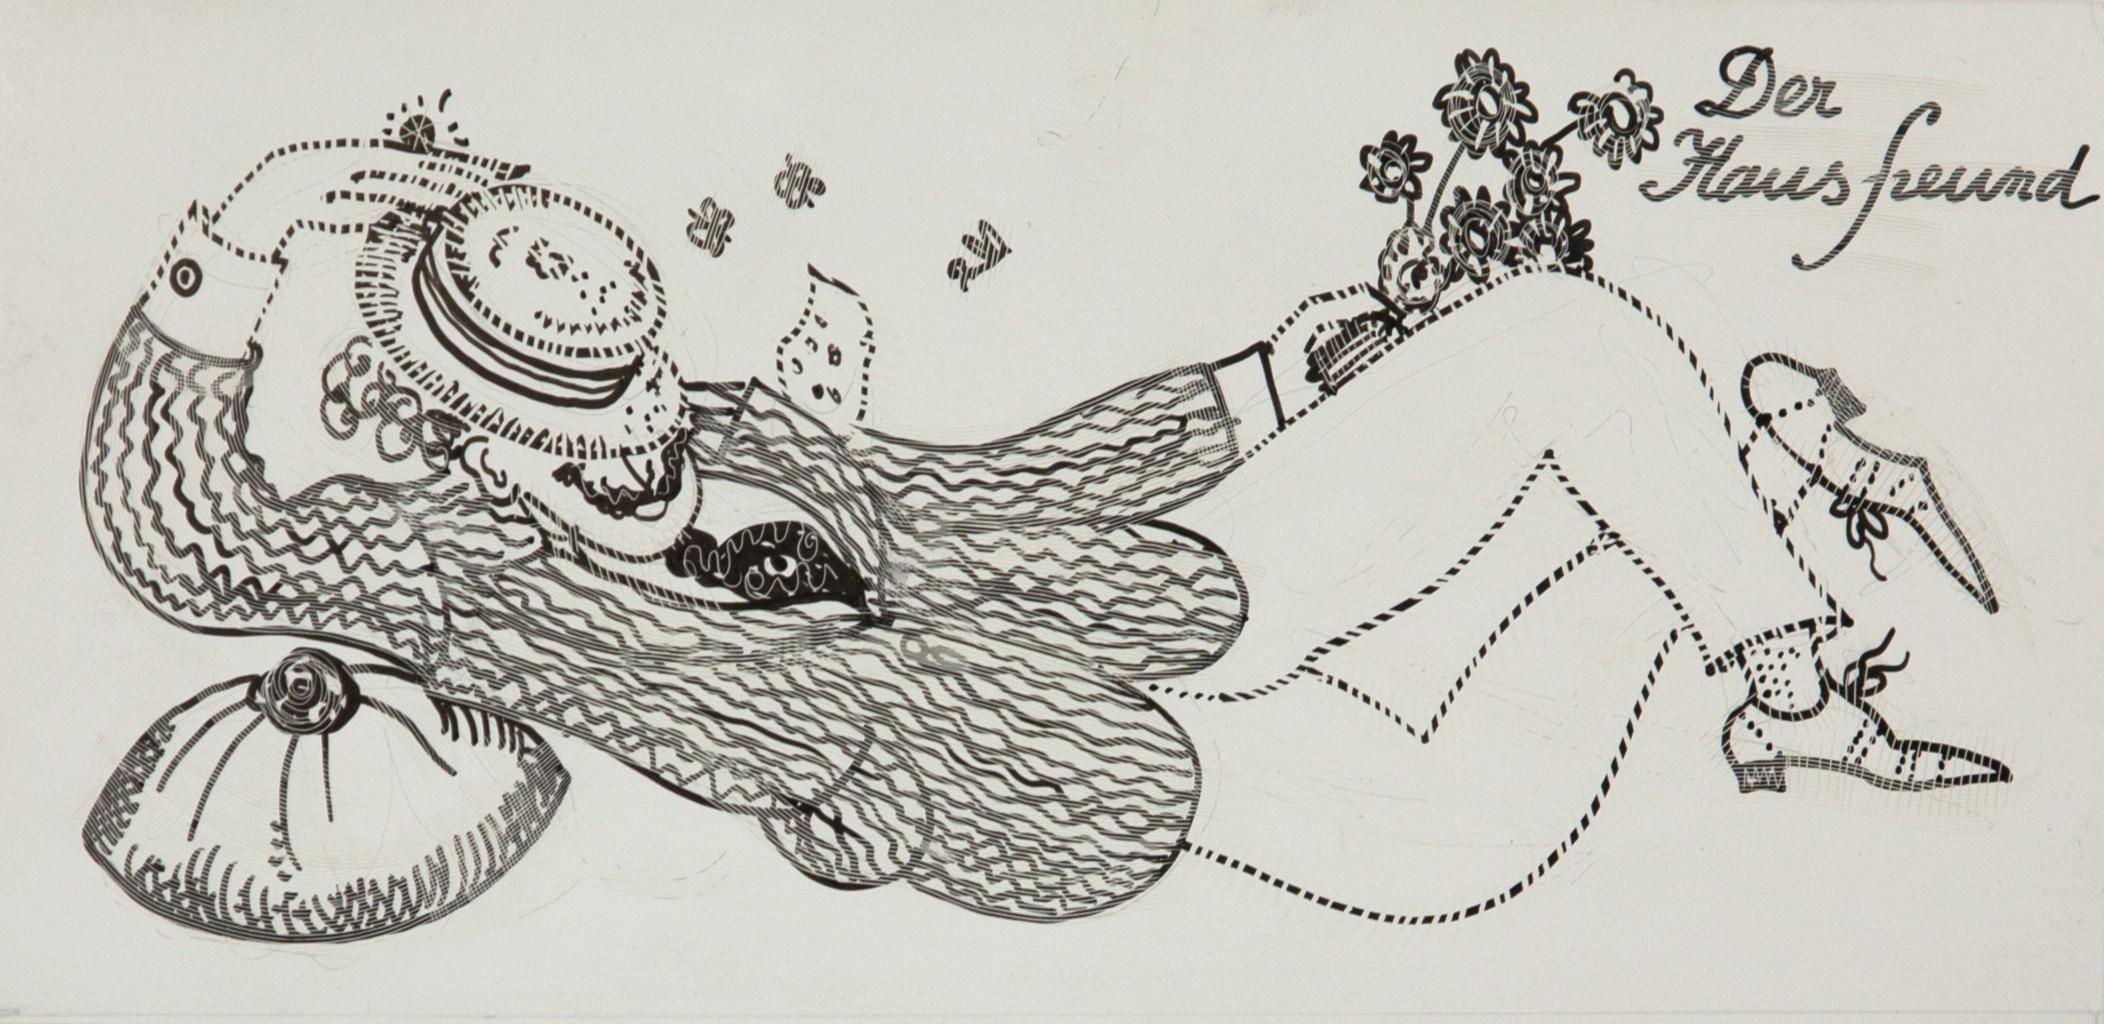 Friedrich Berzeviczy-Pallavicini, Der Hausfreund, Originalentwurf zu: Die k.k. Hofzuckerbäckerei Demel, Tusche auf Karton, 1976. Foto: Gregorius Grey, Kunstsammlung und Archiv, Universität für angewandte Kunst Wien